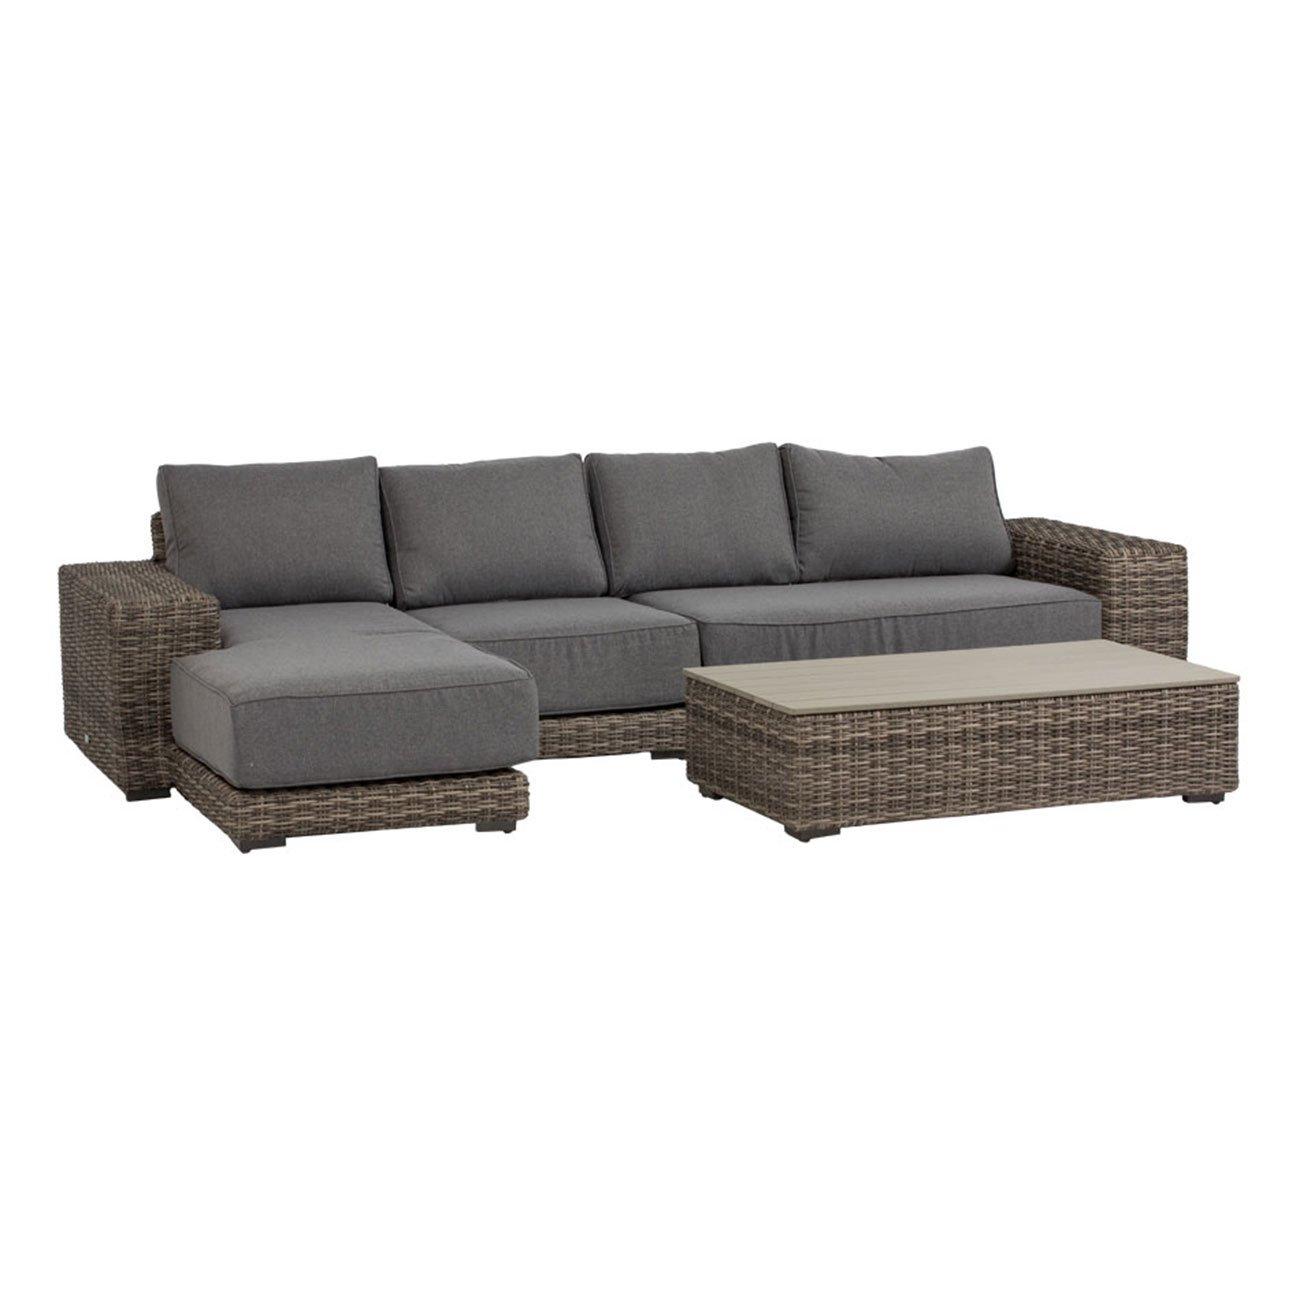 Gartenlounge OUTLIV. Messina Loungegruppe mit Tisch 4-teilig Organic Grey / Anthrazit 700016-849764